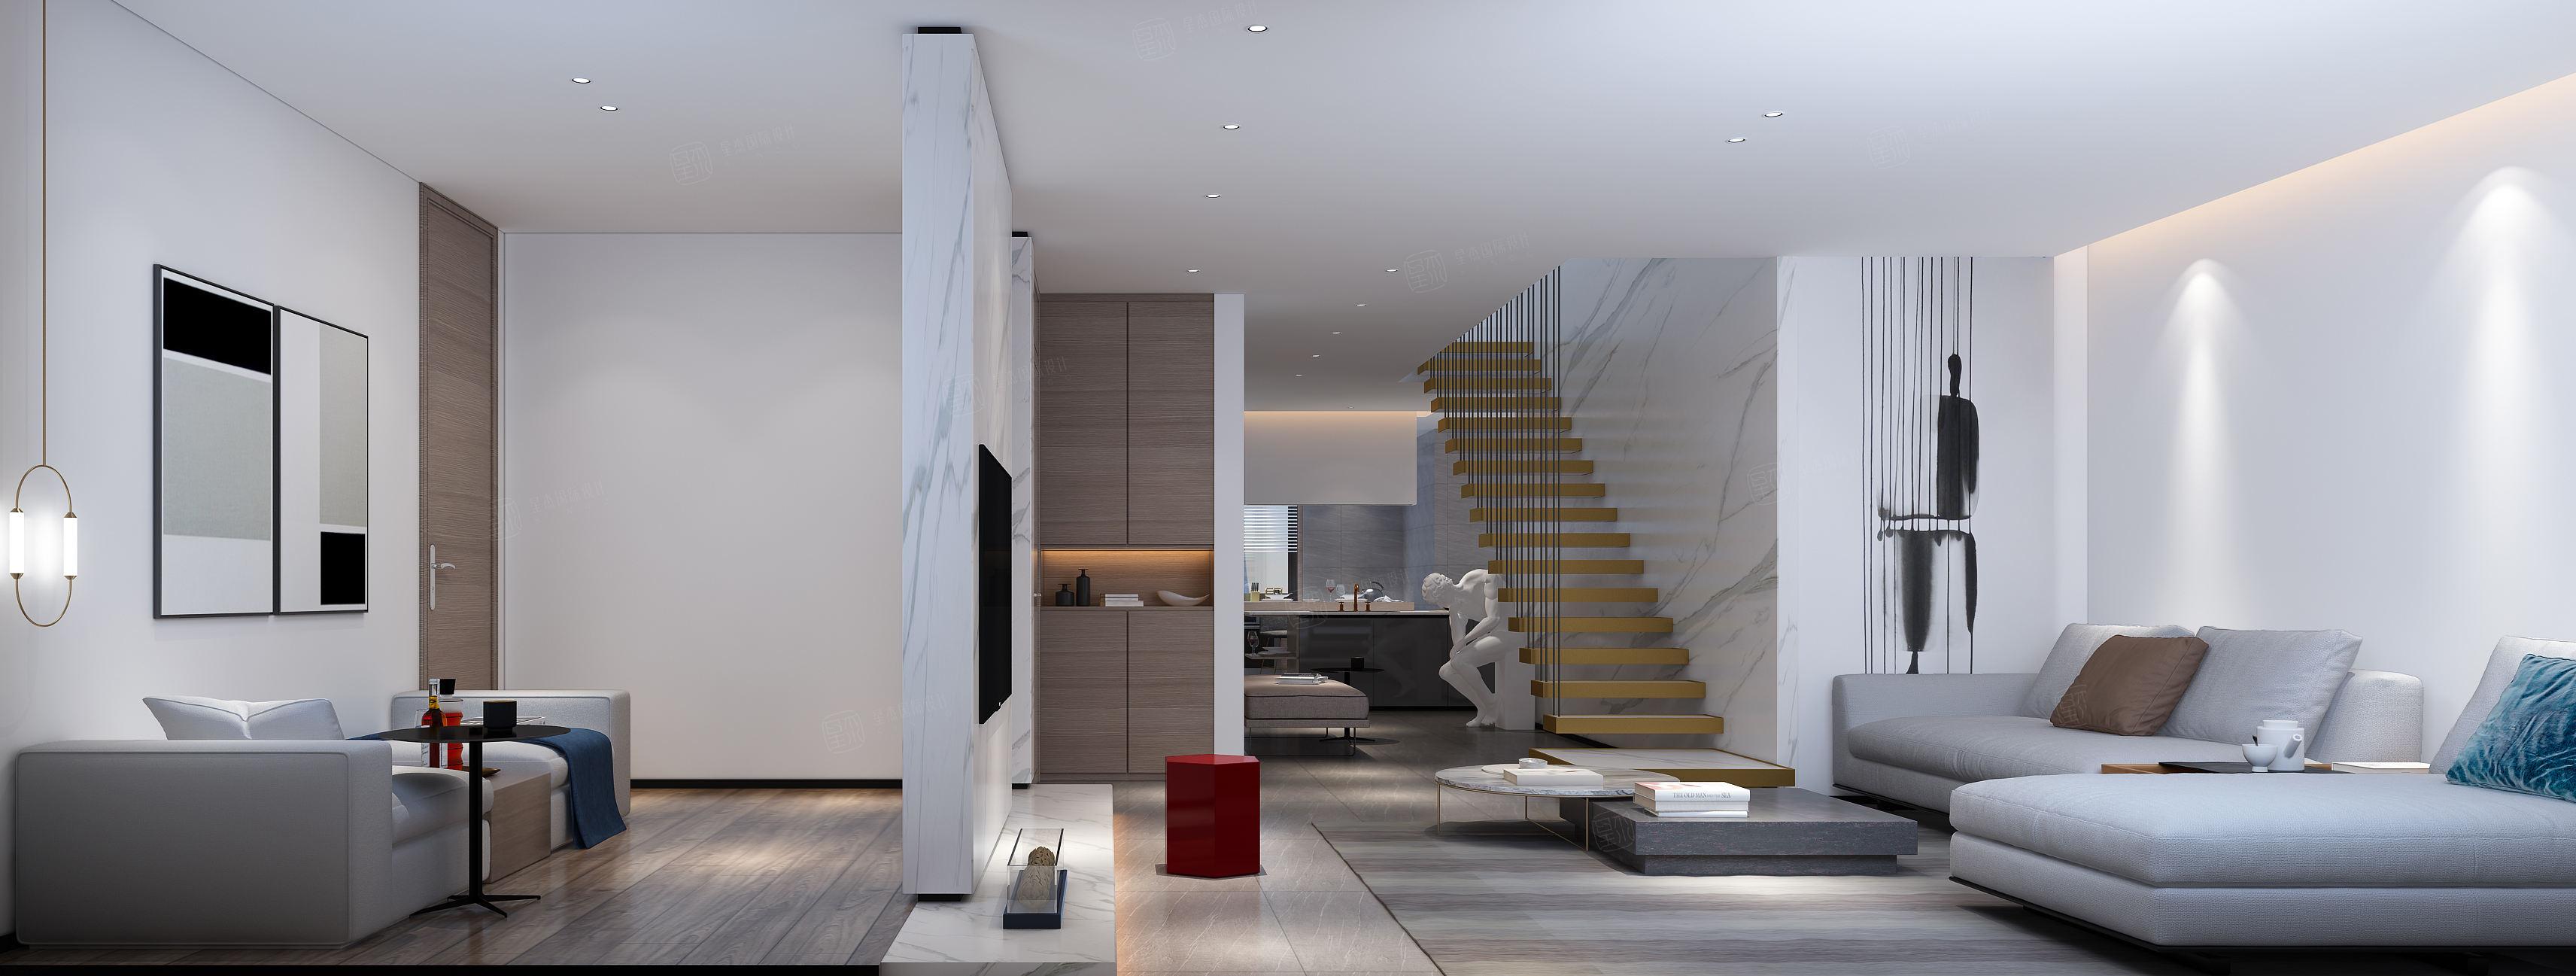 保利天琴宇 现代简约装修客厅效果图